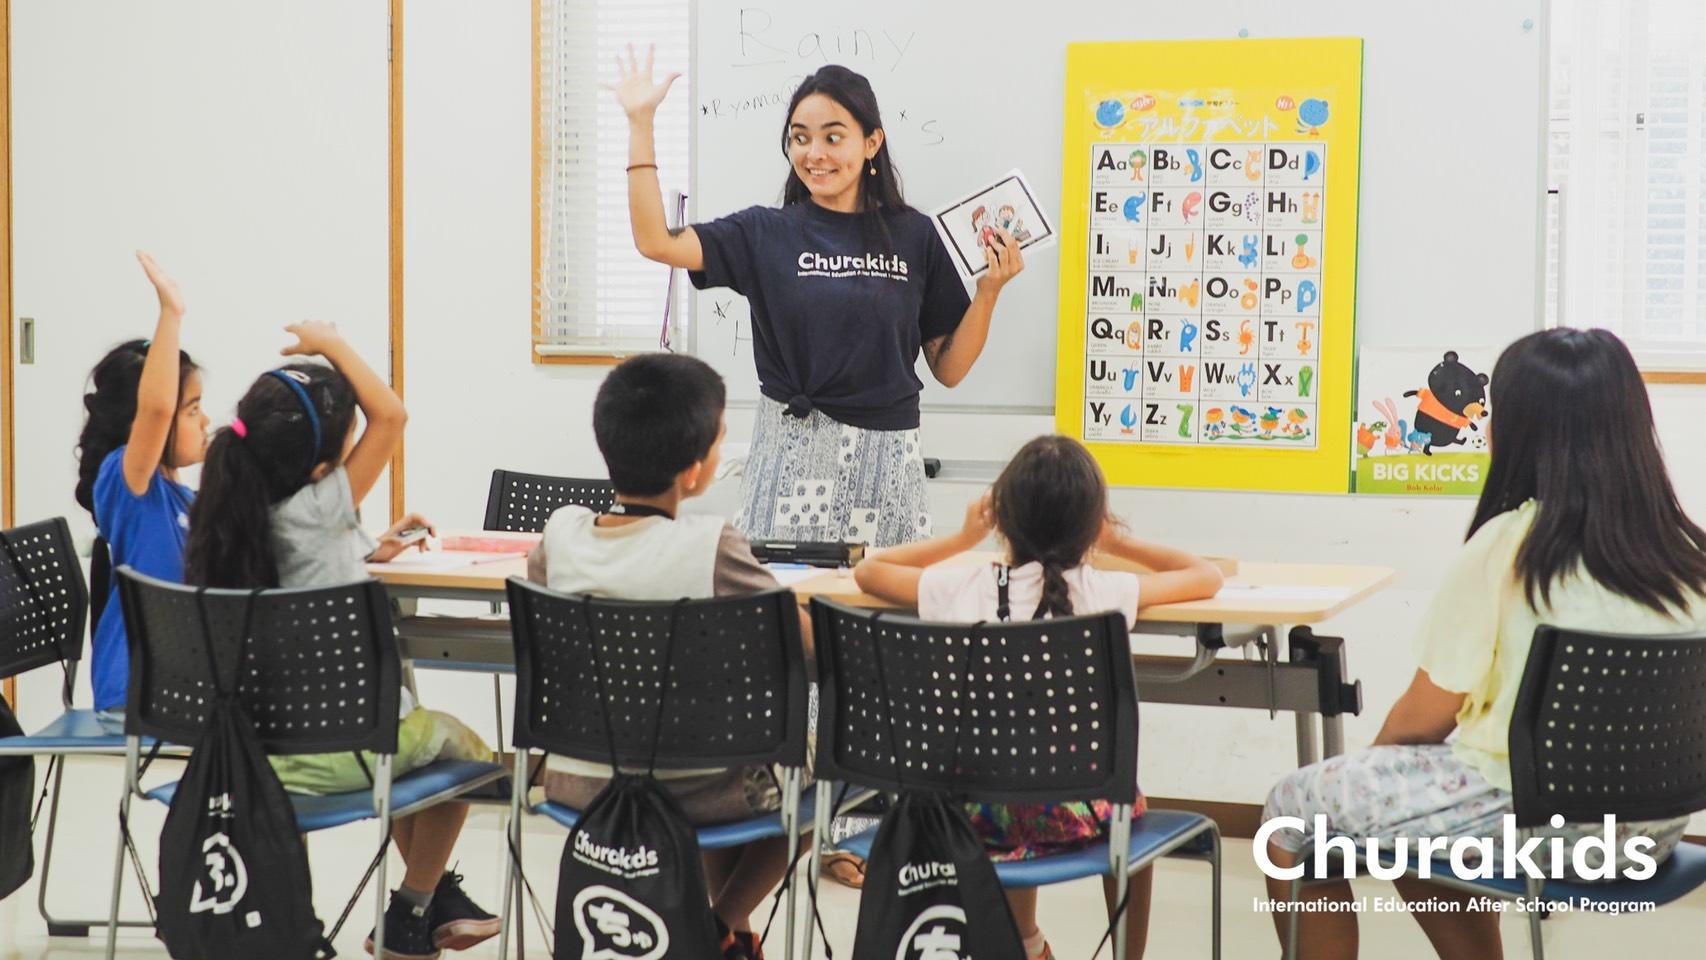 沖縄市越来の英会話教室 Churakids